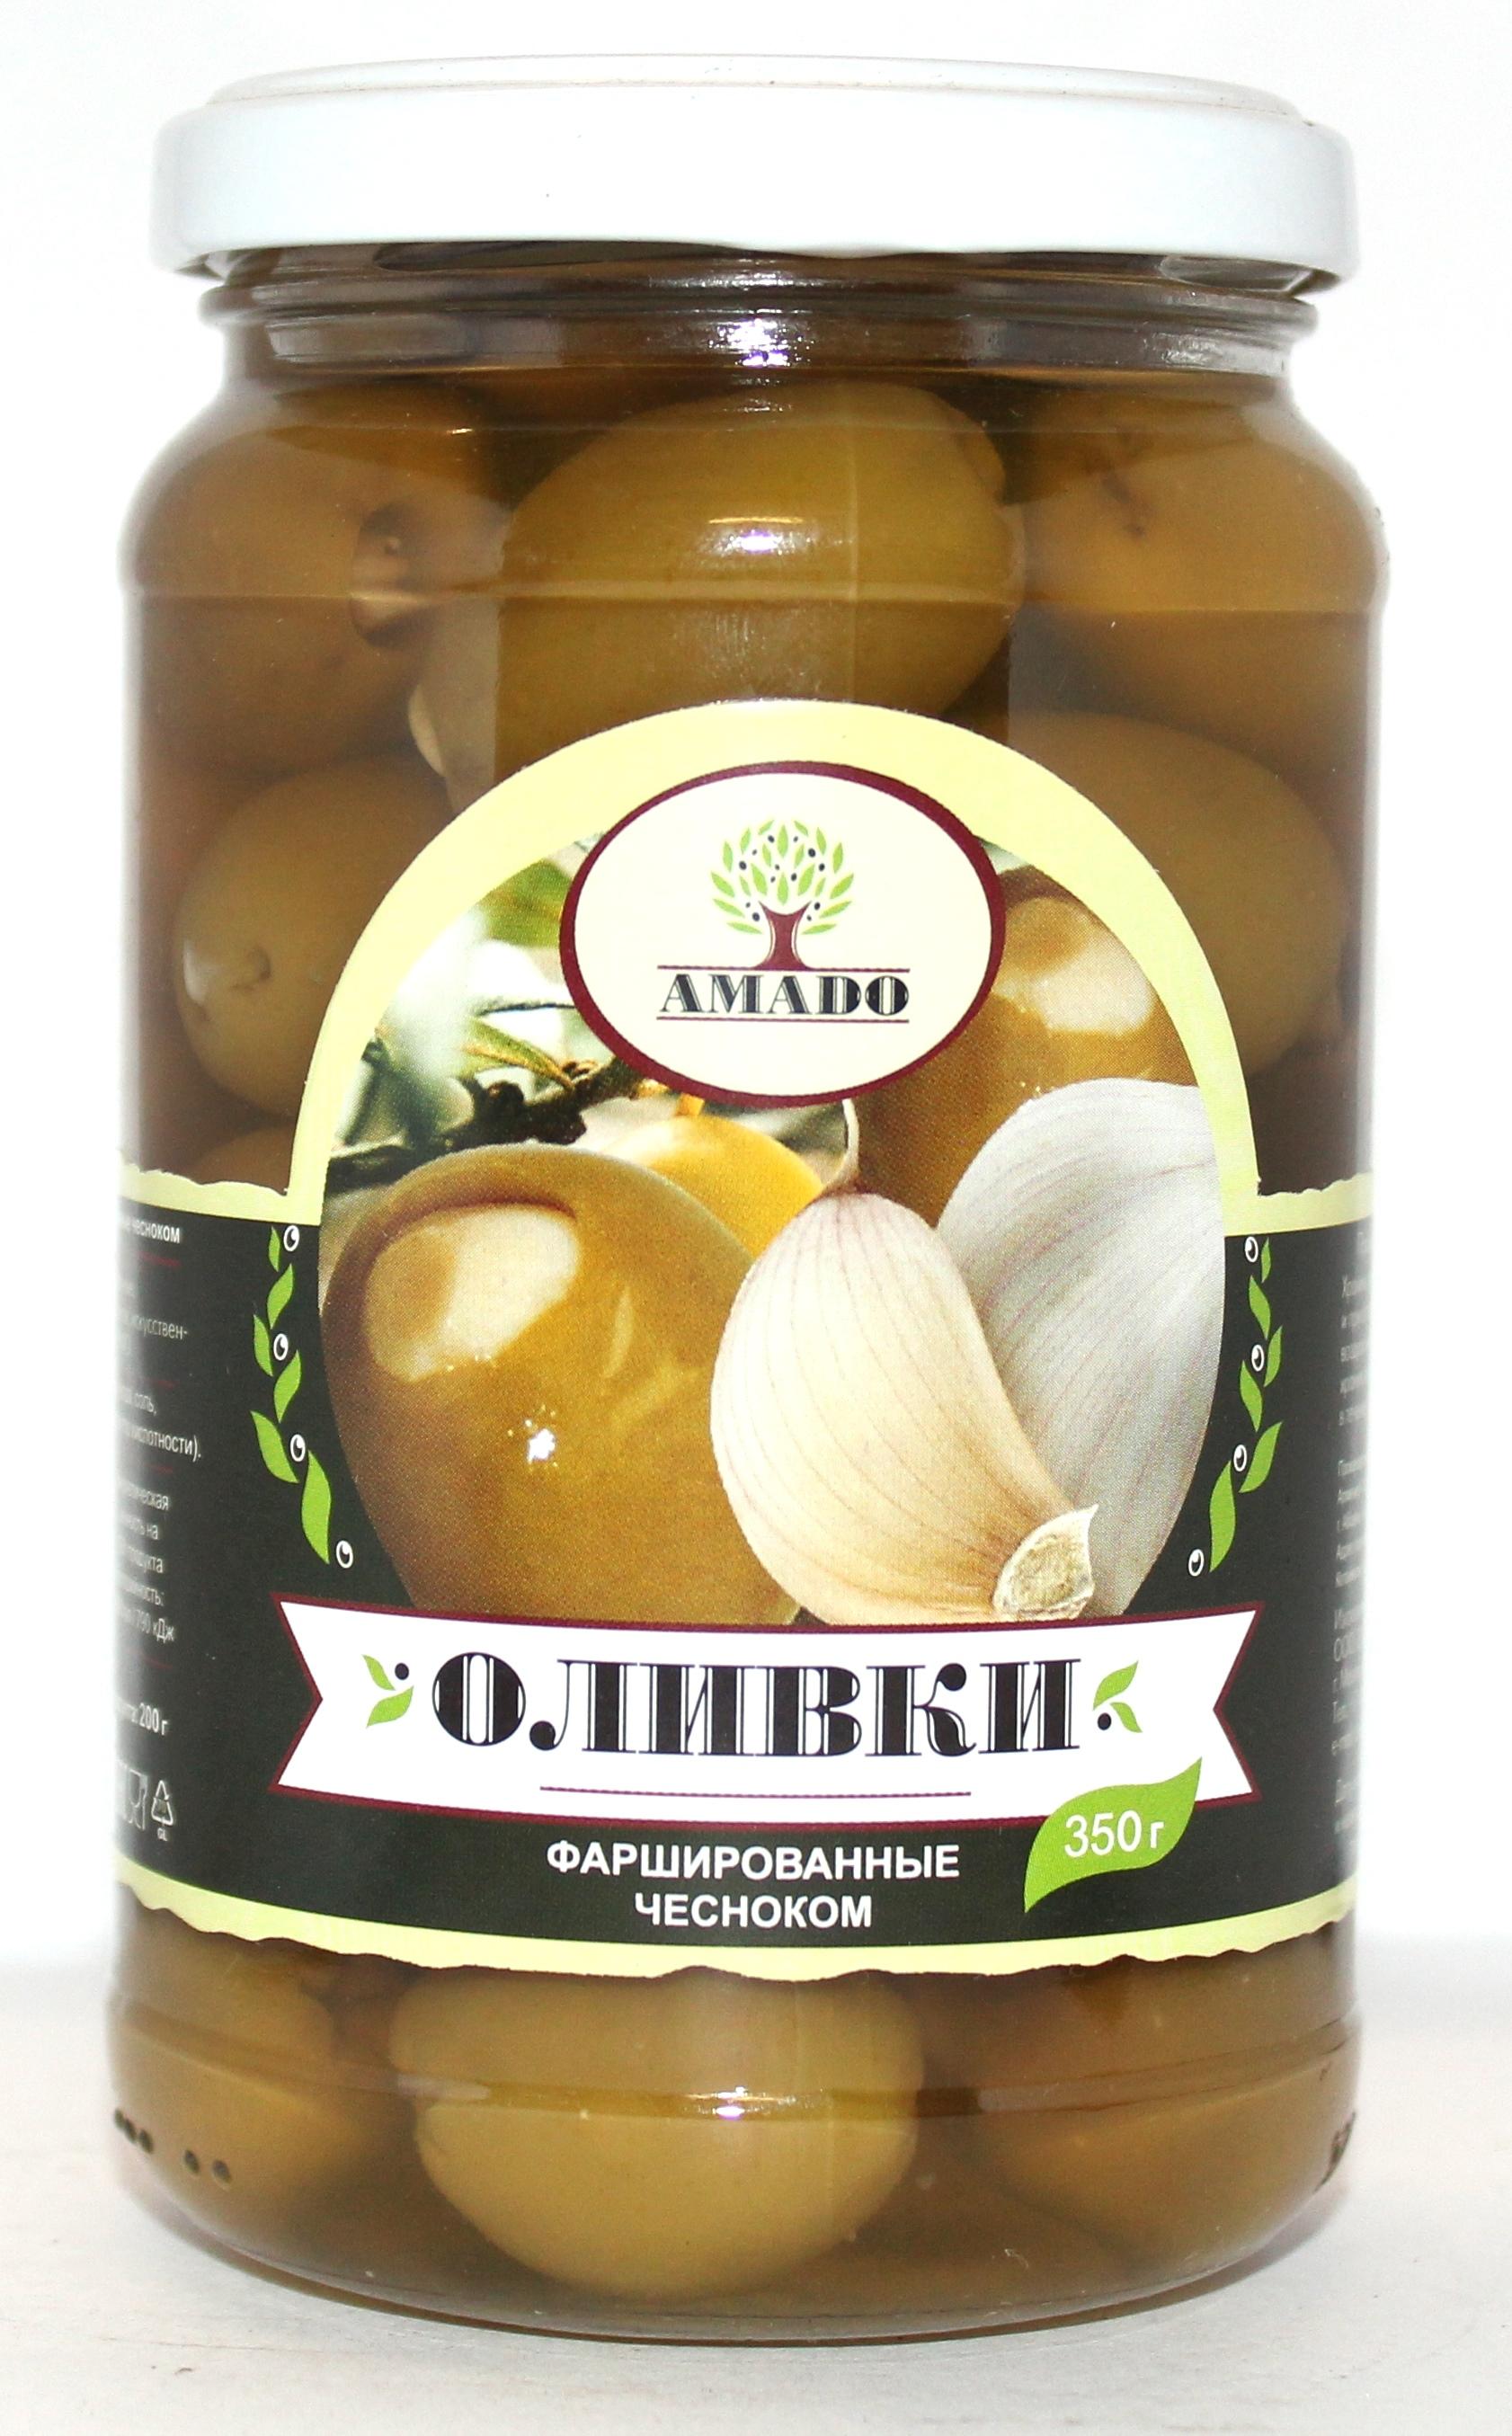 Оливки Amado фаршированные чесноком 350 г